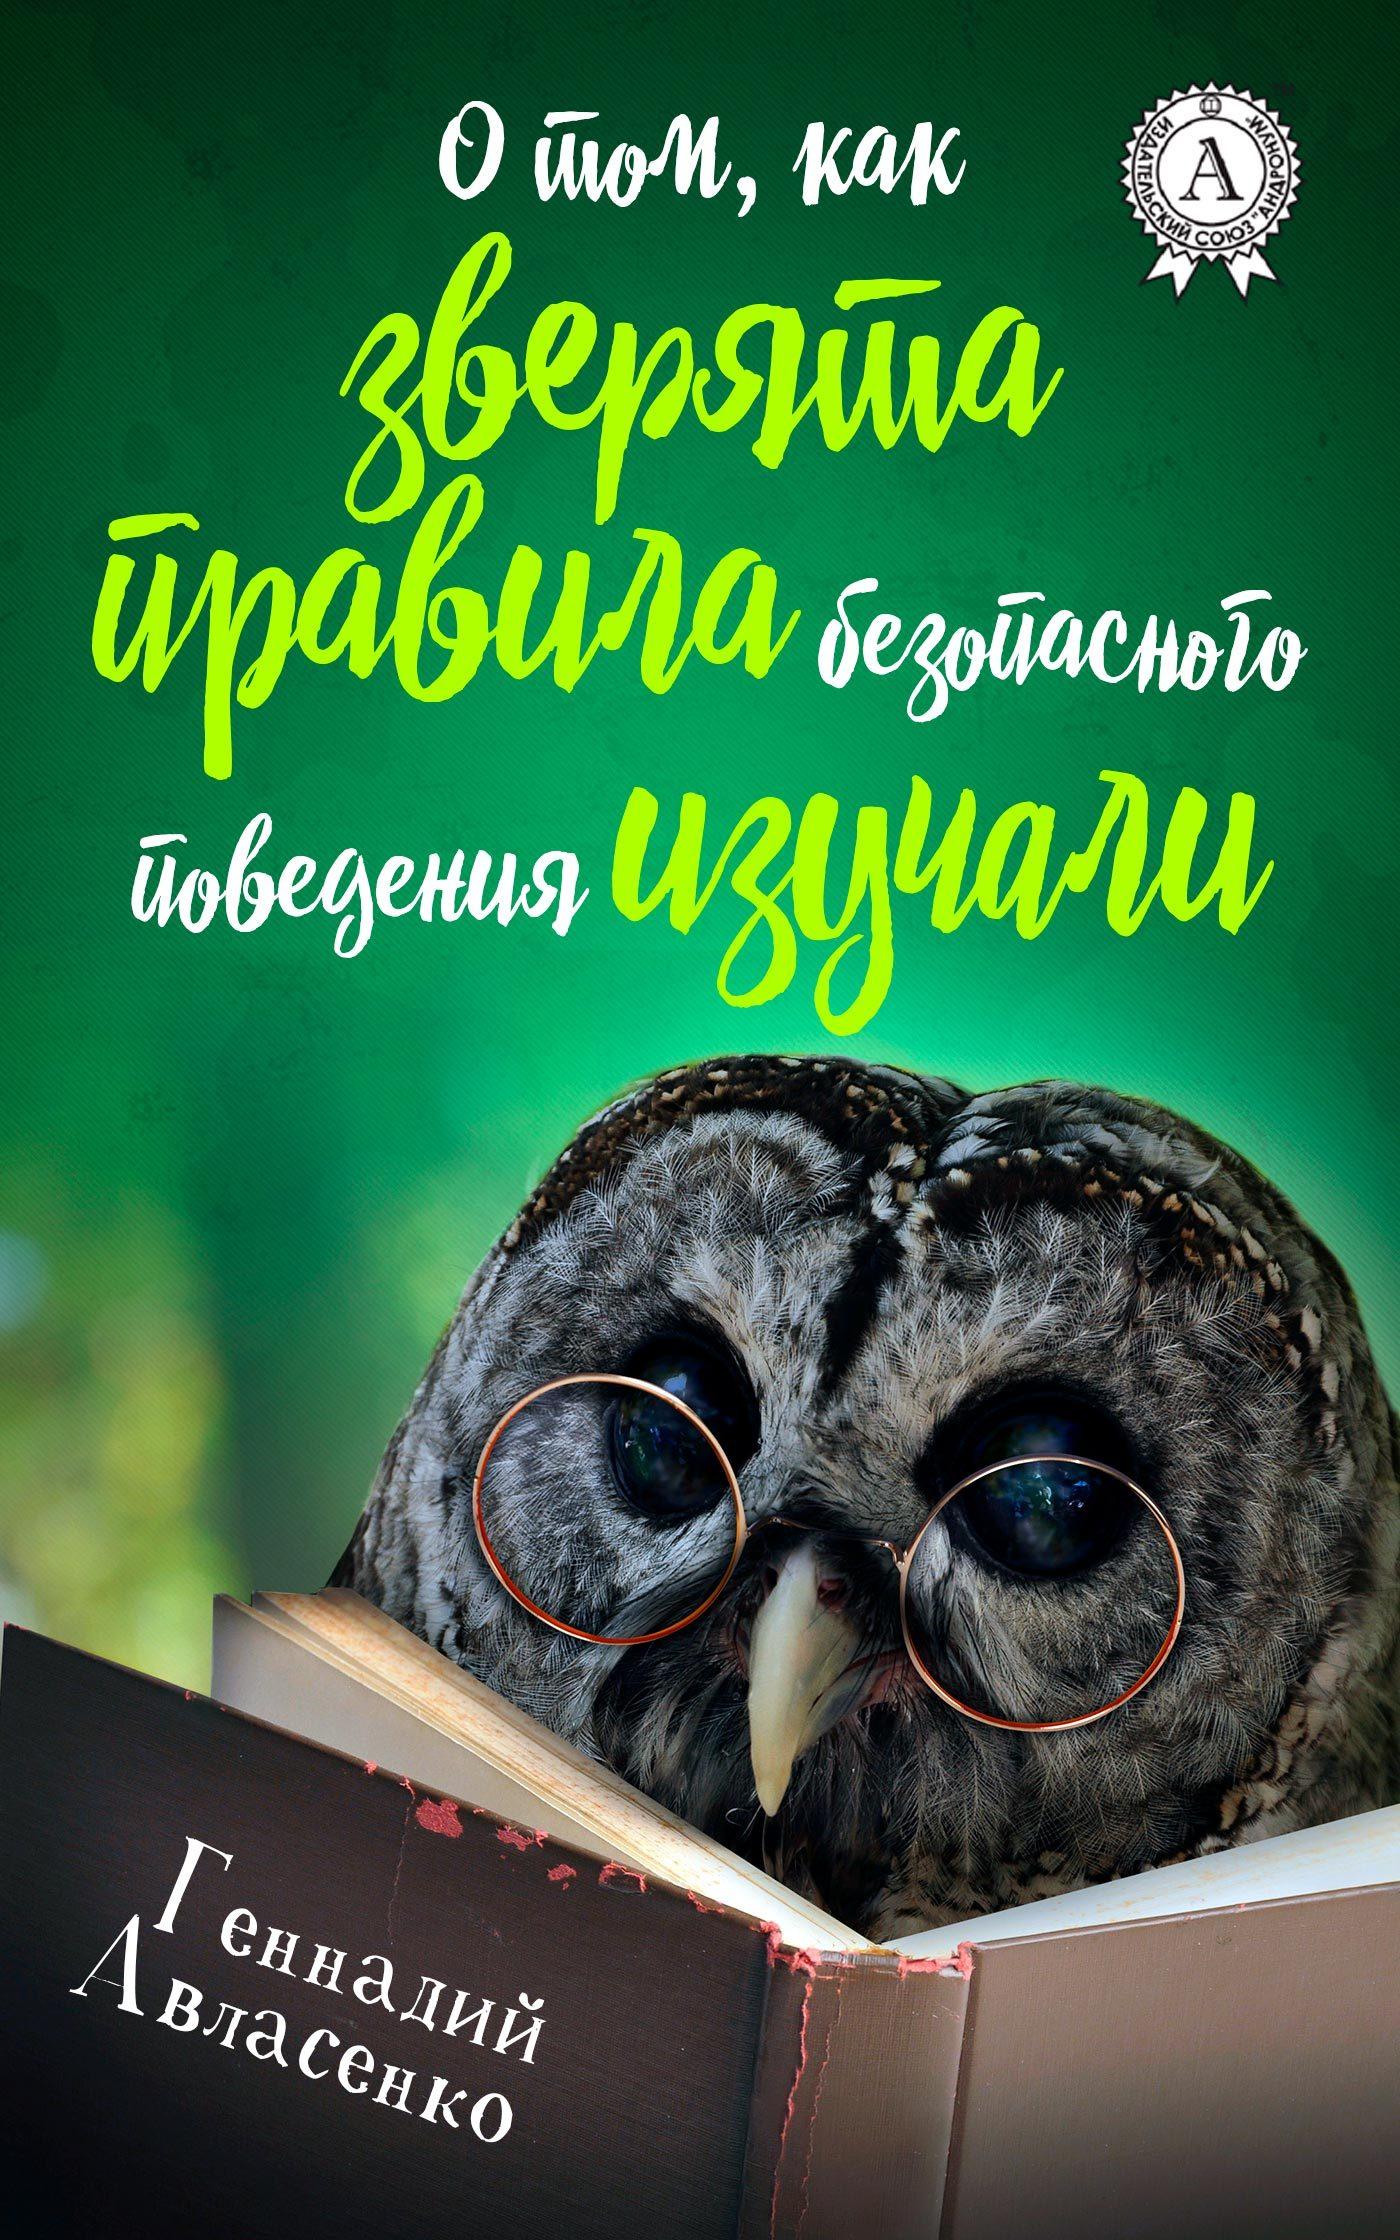 Фото - Геннадий Авласенко О том, как зверята правила безопасного поведения изучали геннадий авласенко птичьи разговоры